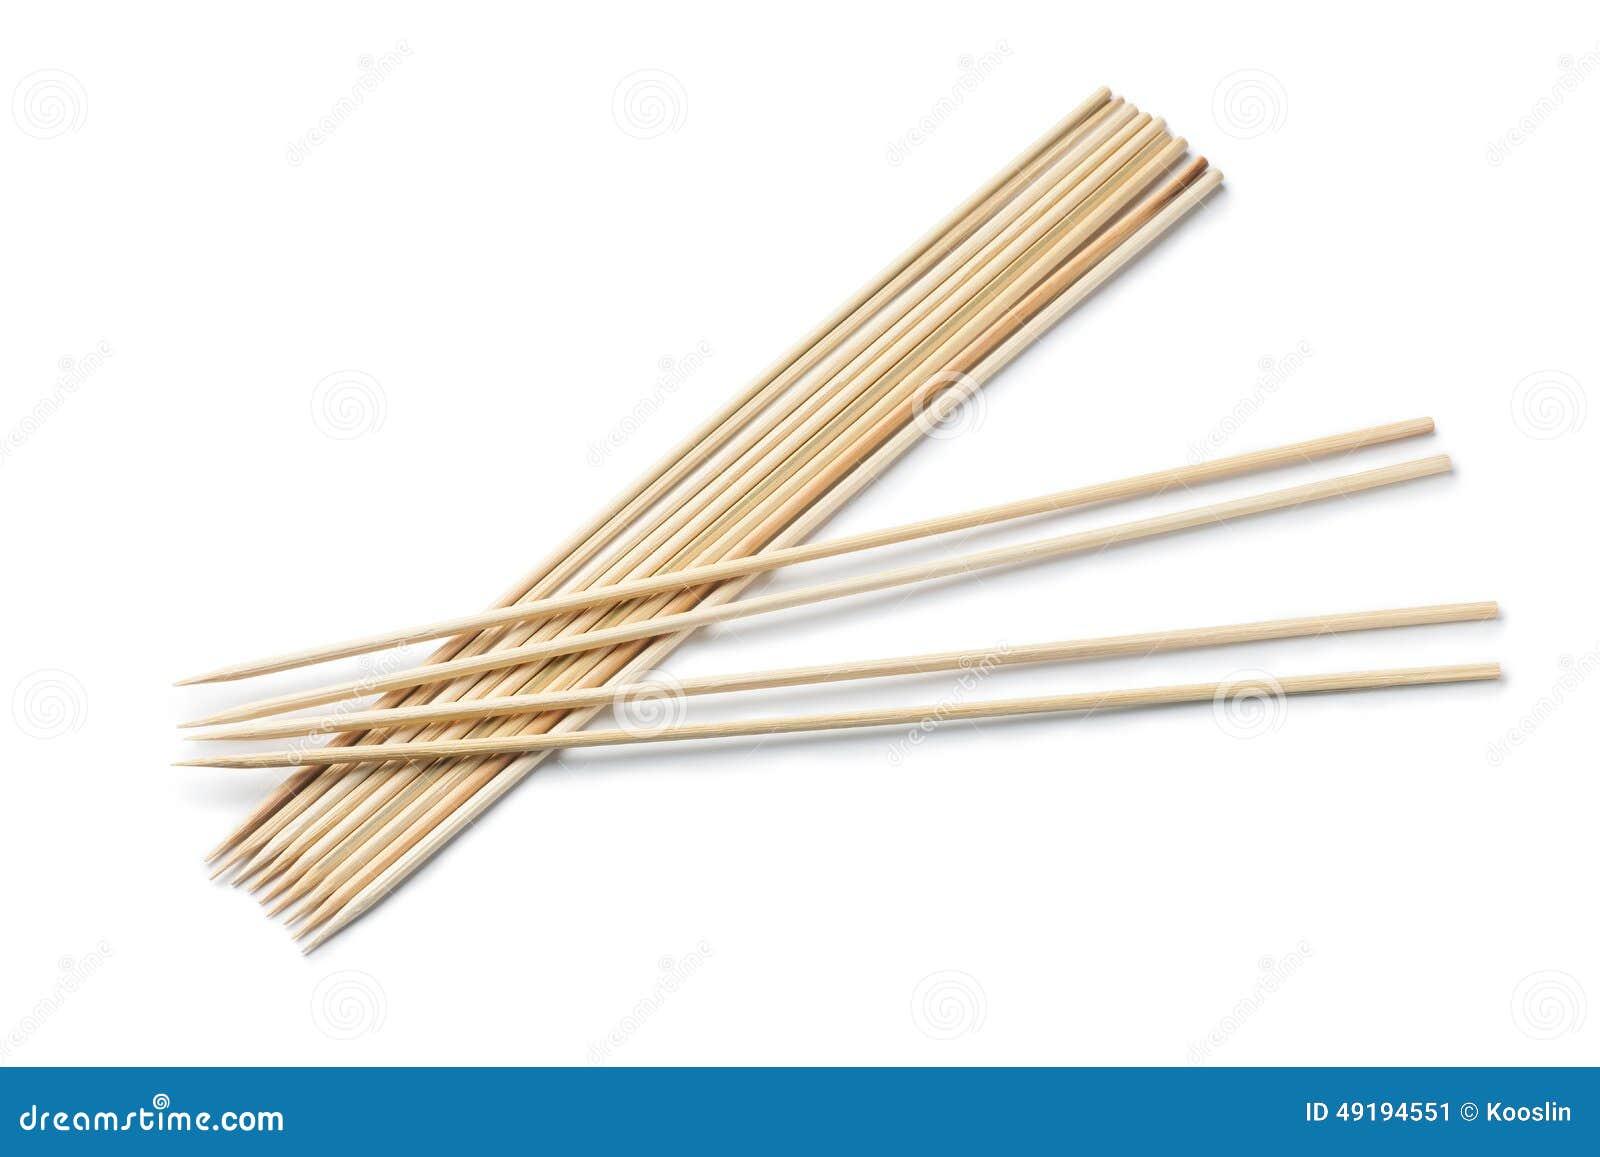 Bamboo Stcik People ~ Bamboo sticks stock photo image